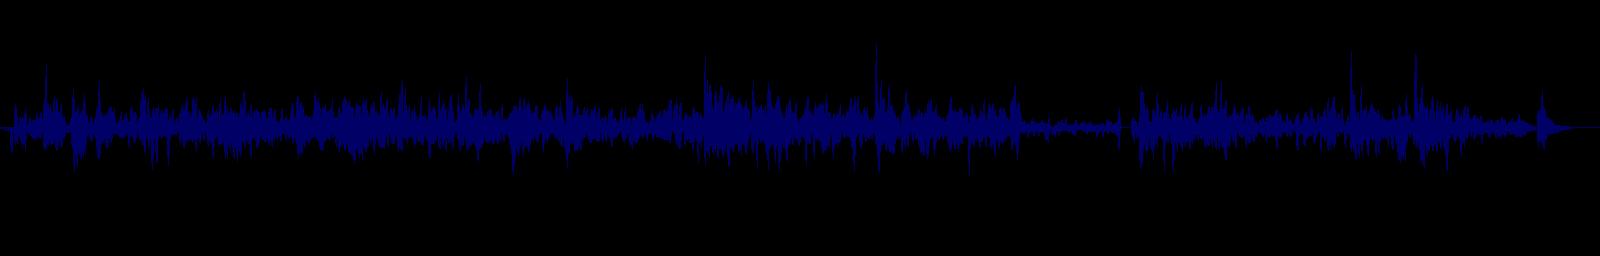 waveform of track #142744